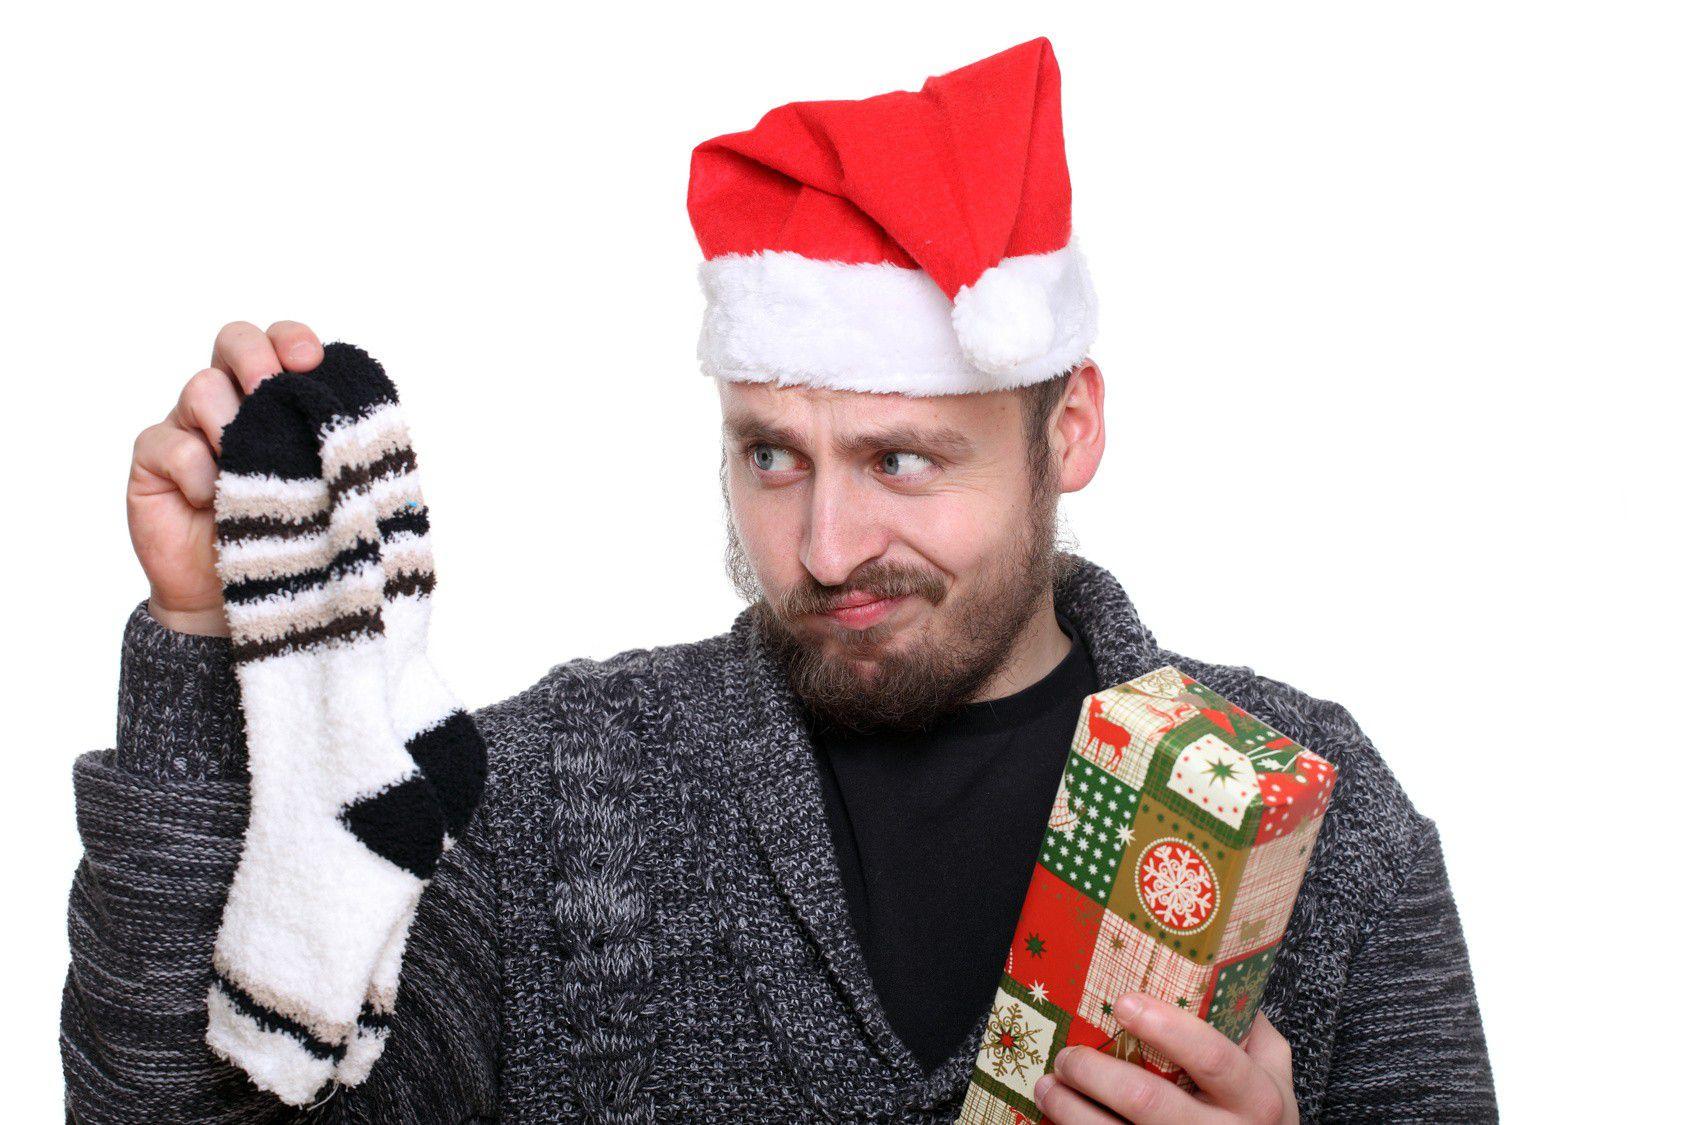 Morgan Stanley: Weniger Weihnachtsgeschenke wegen iPhone X? - Macwelt